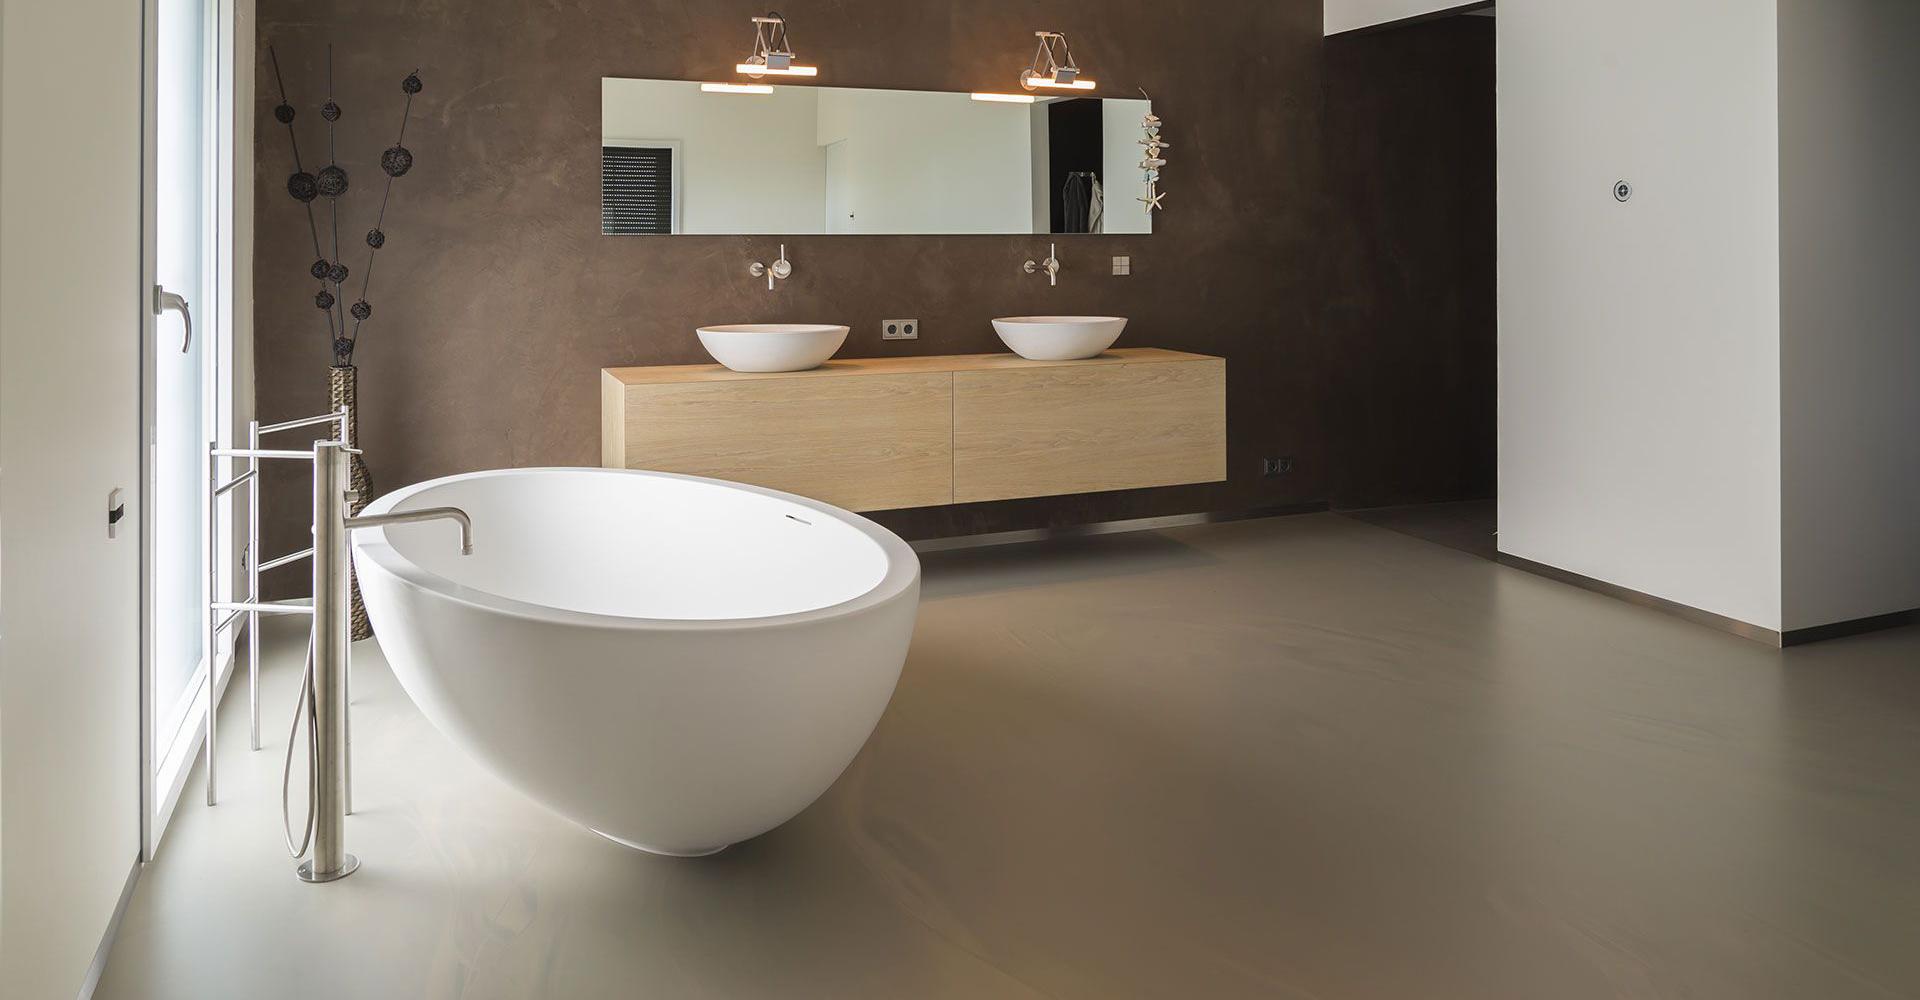 Gietvloer badkamer met betonlook